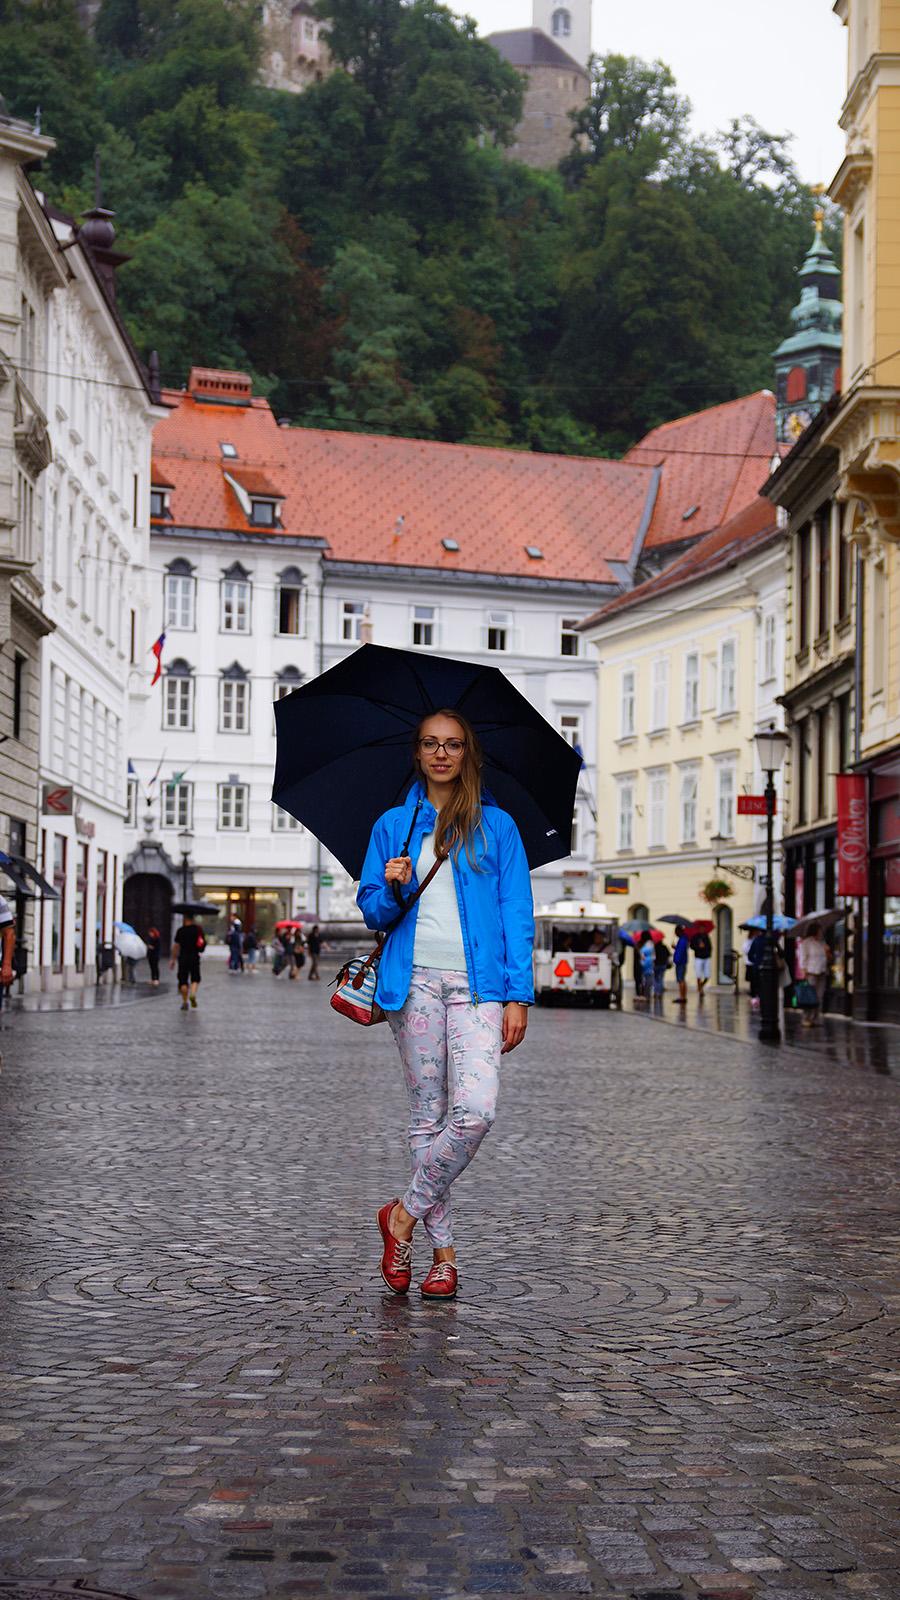 Stritarjeva ulica, Lublana, Slovenia